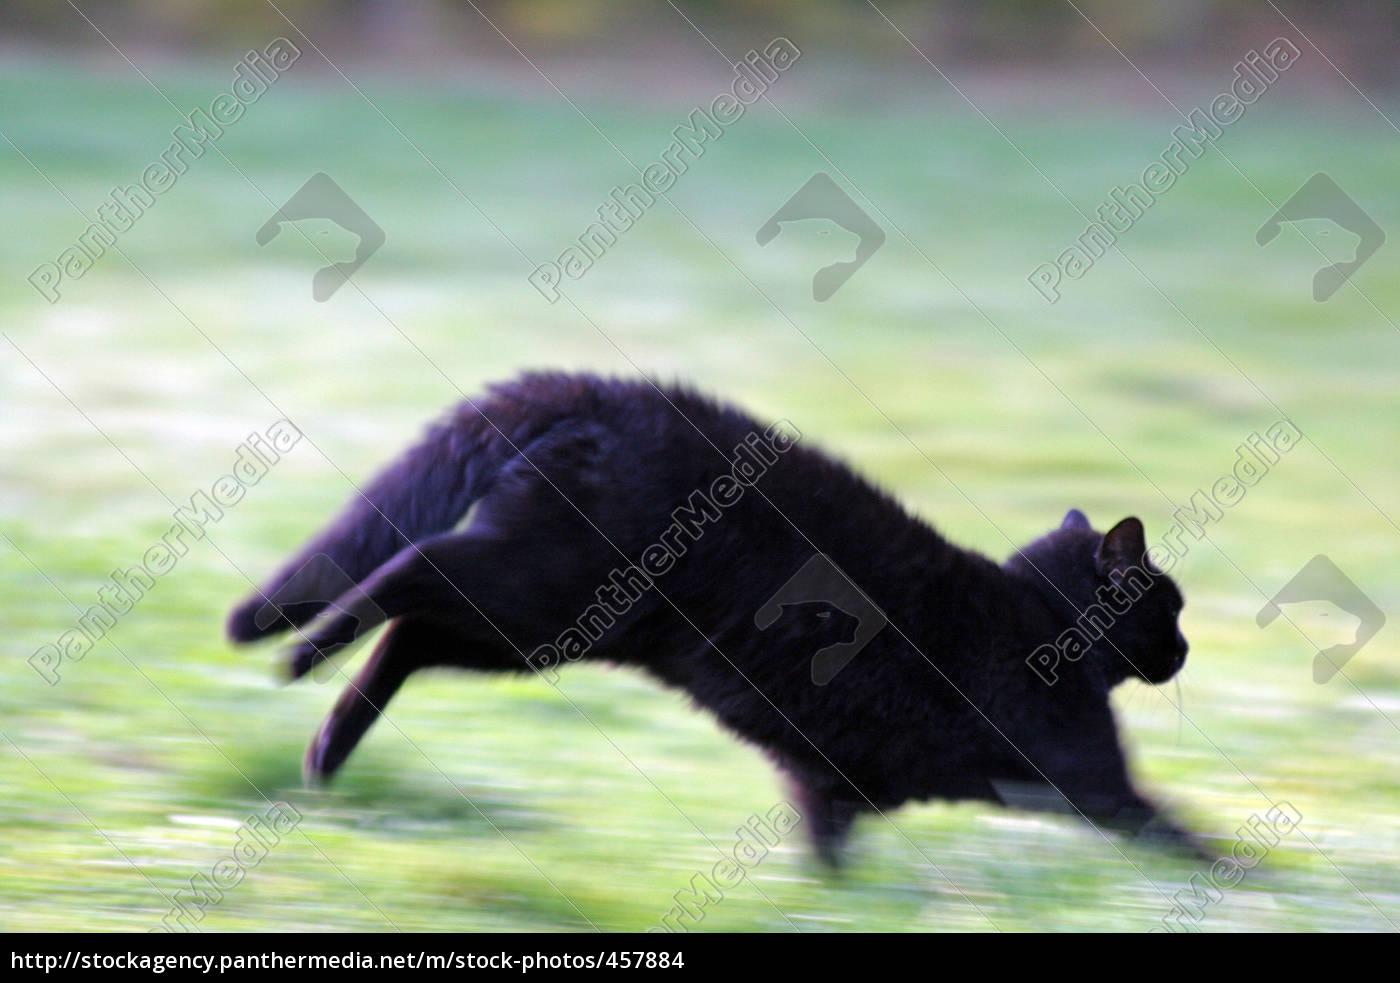 black, cat - 457884